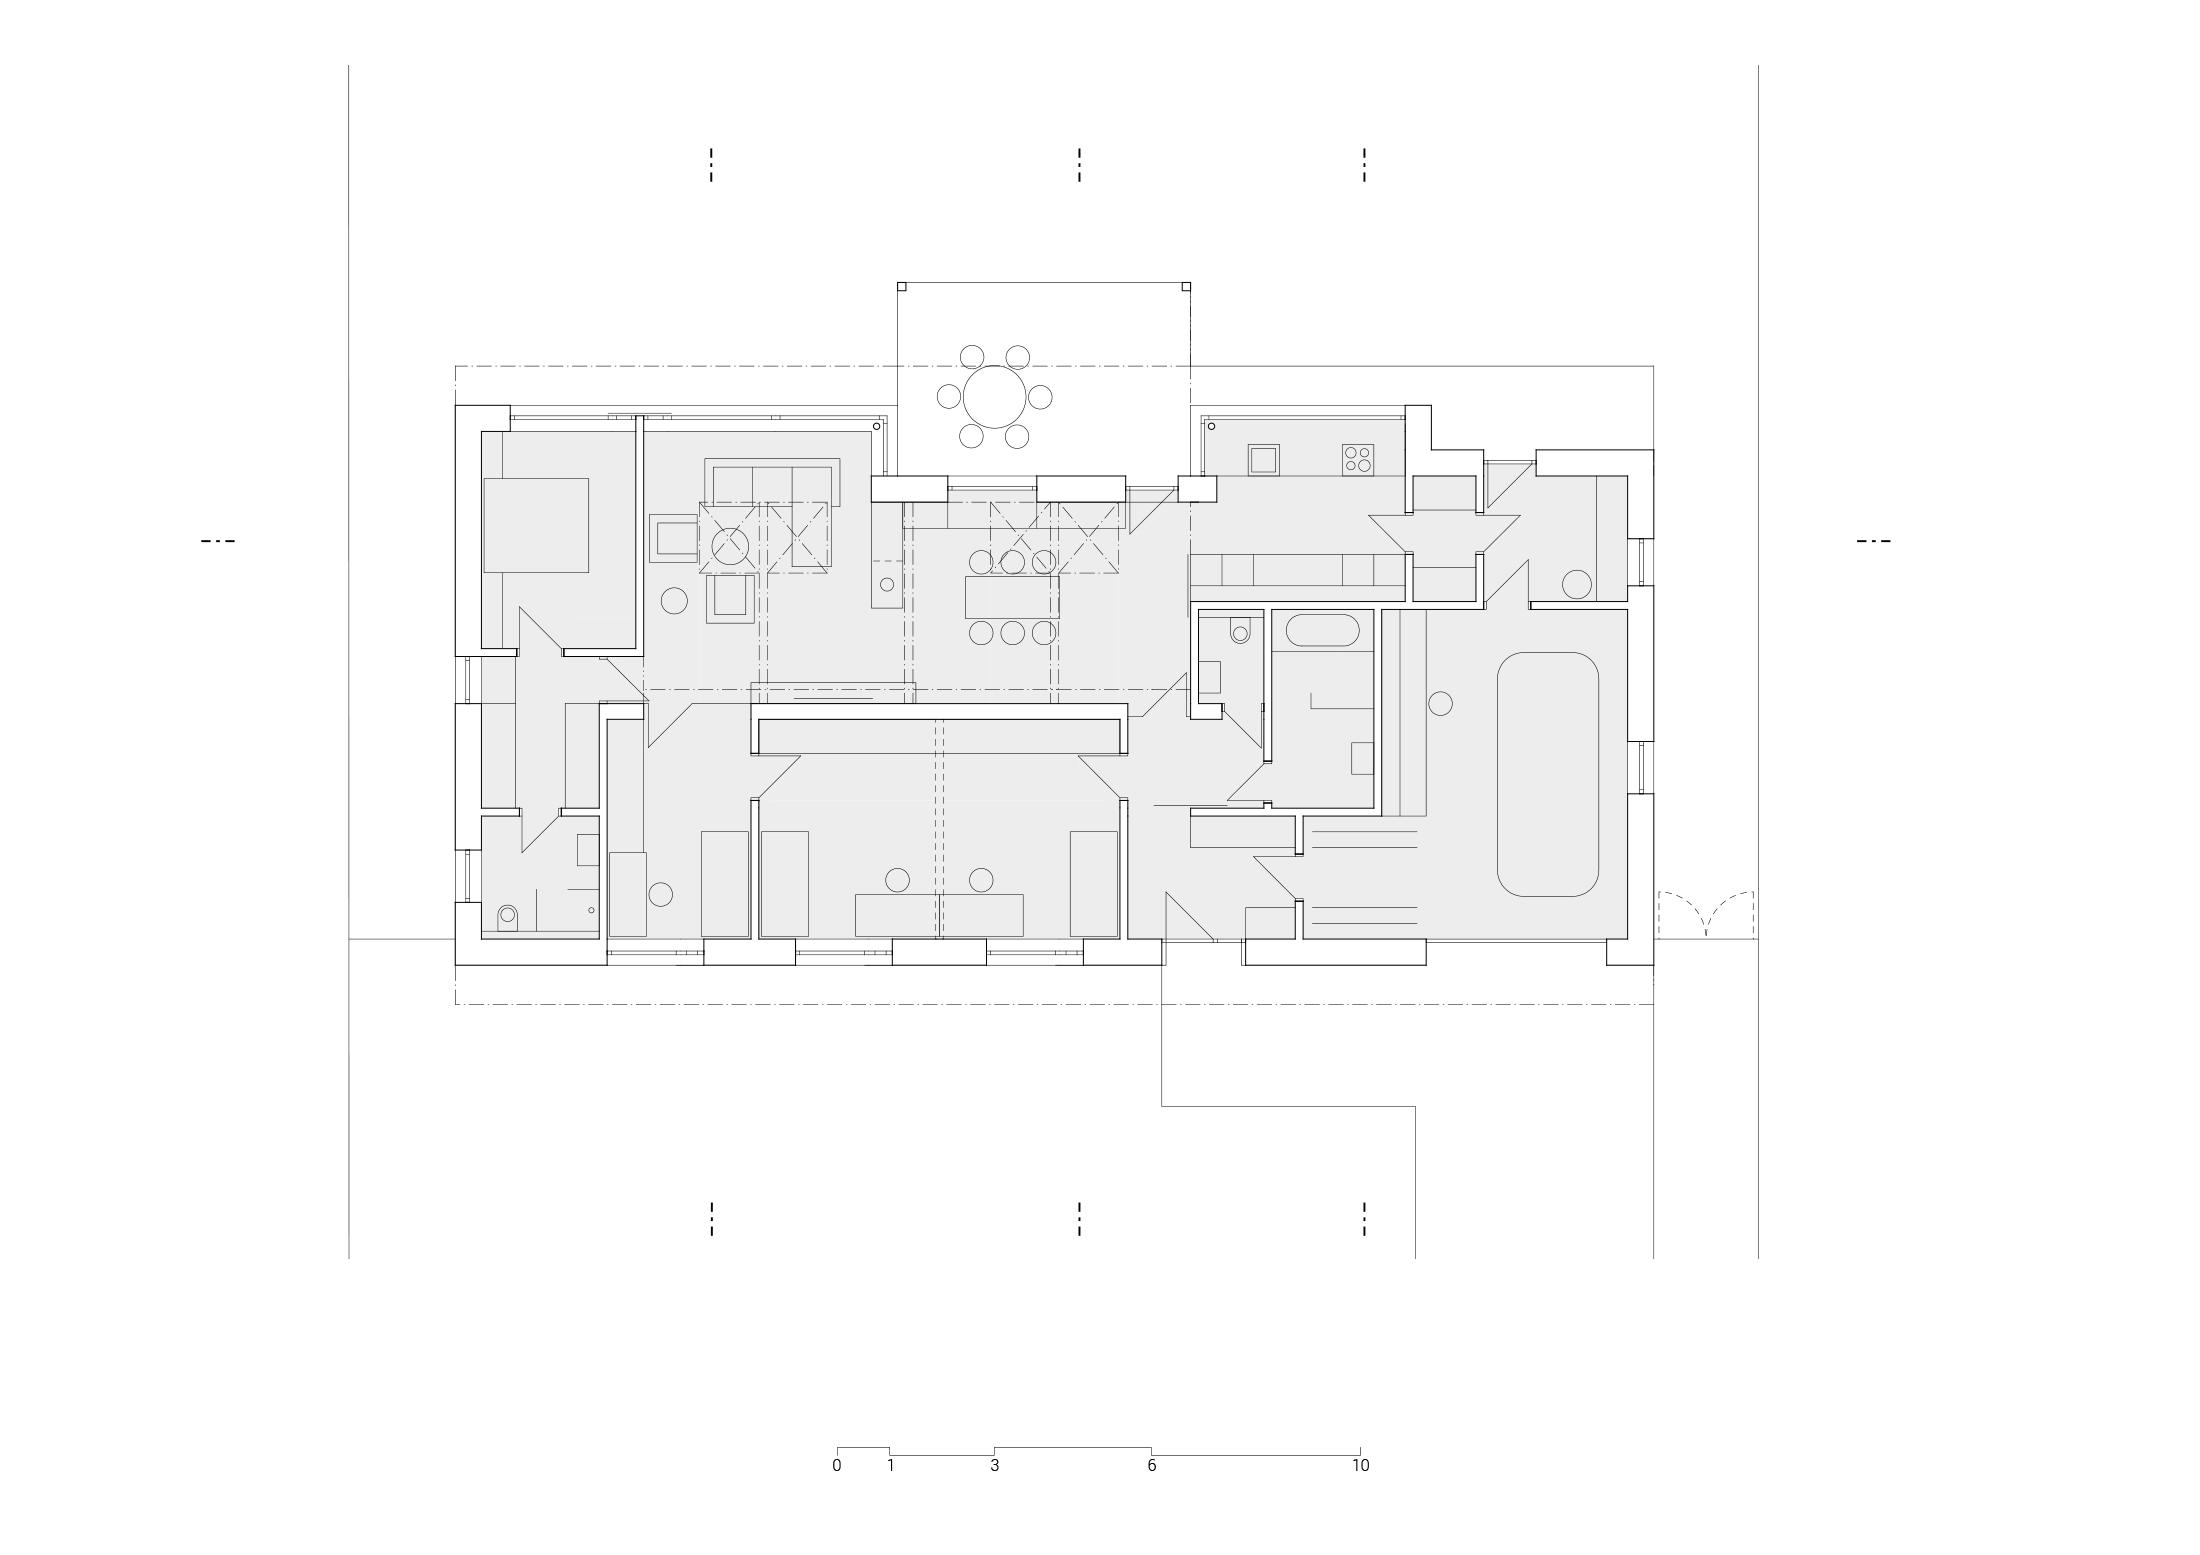 Půdorys dipozice domu v Nivnici